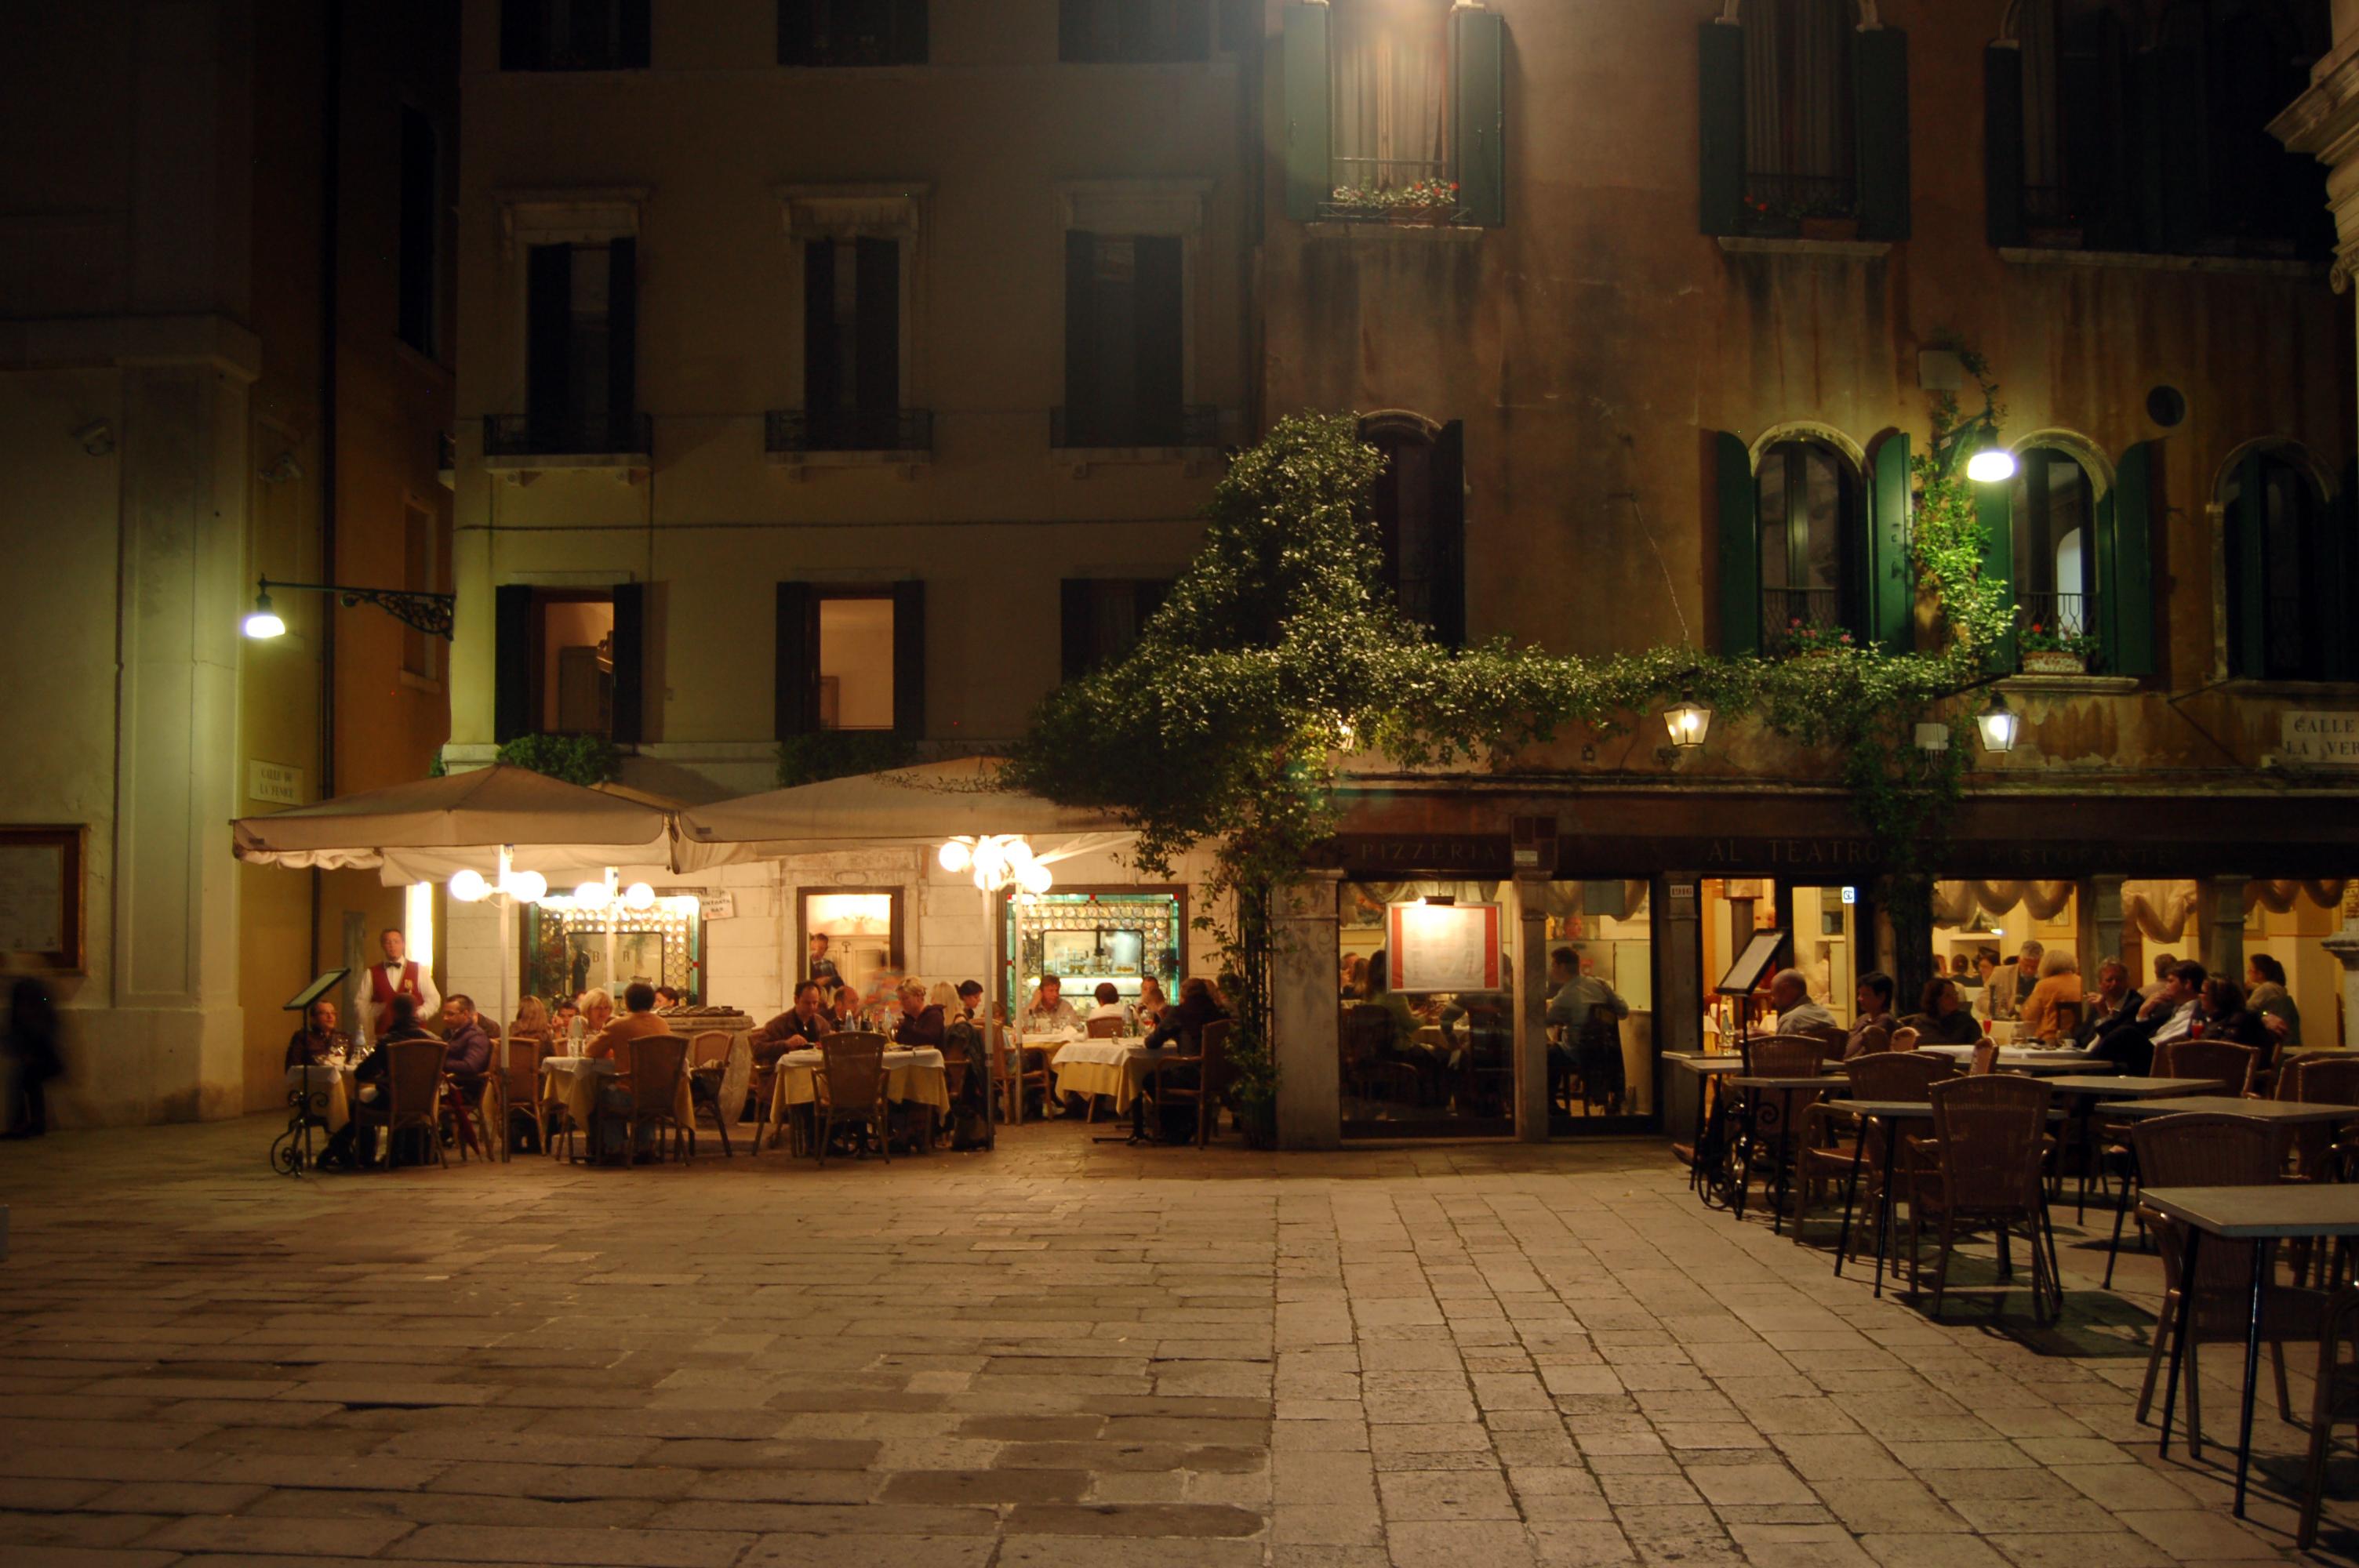 visitare venezia la guida completa turista fai da te